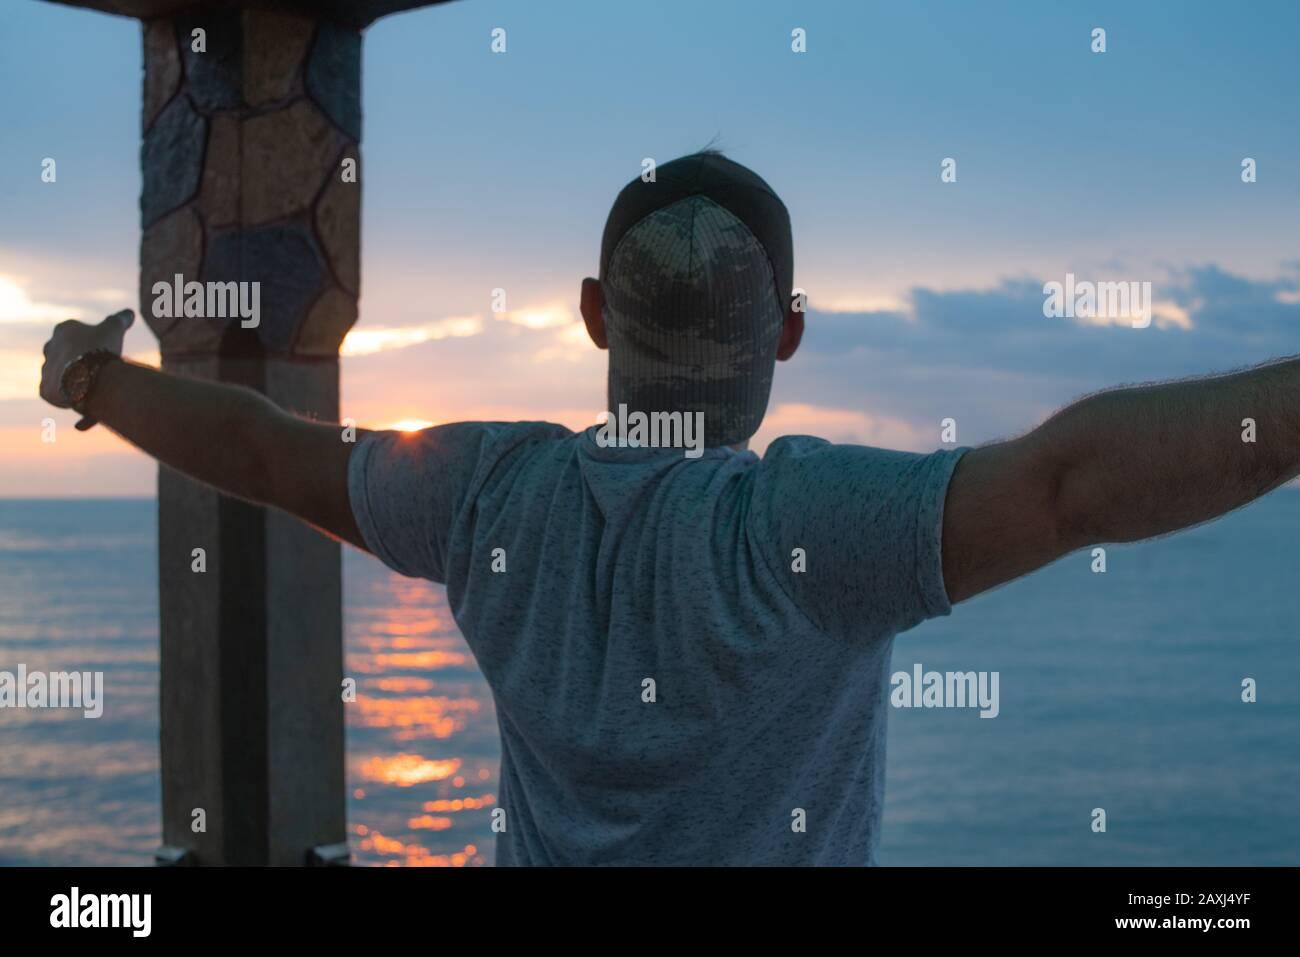 Hombre que abre sus brazos a la vista del mar y encuentra paz. Concepto De Libertad. Foto de stock